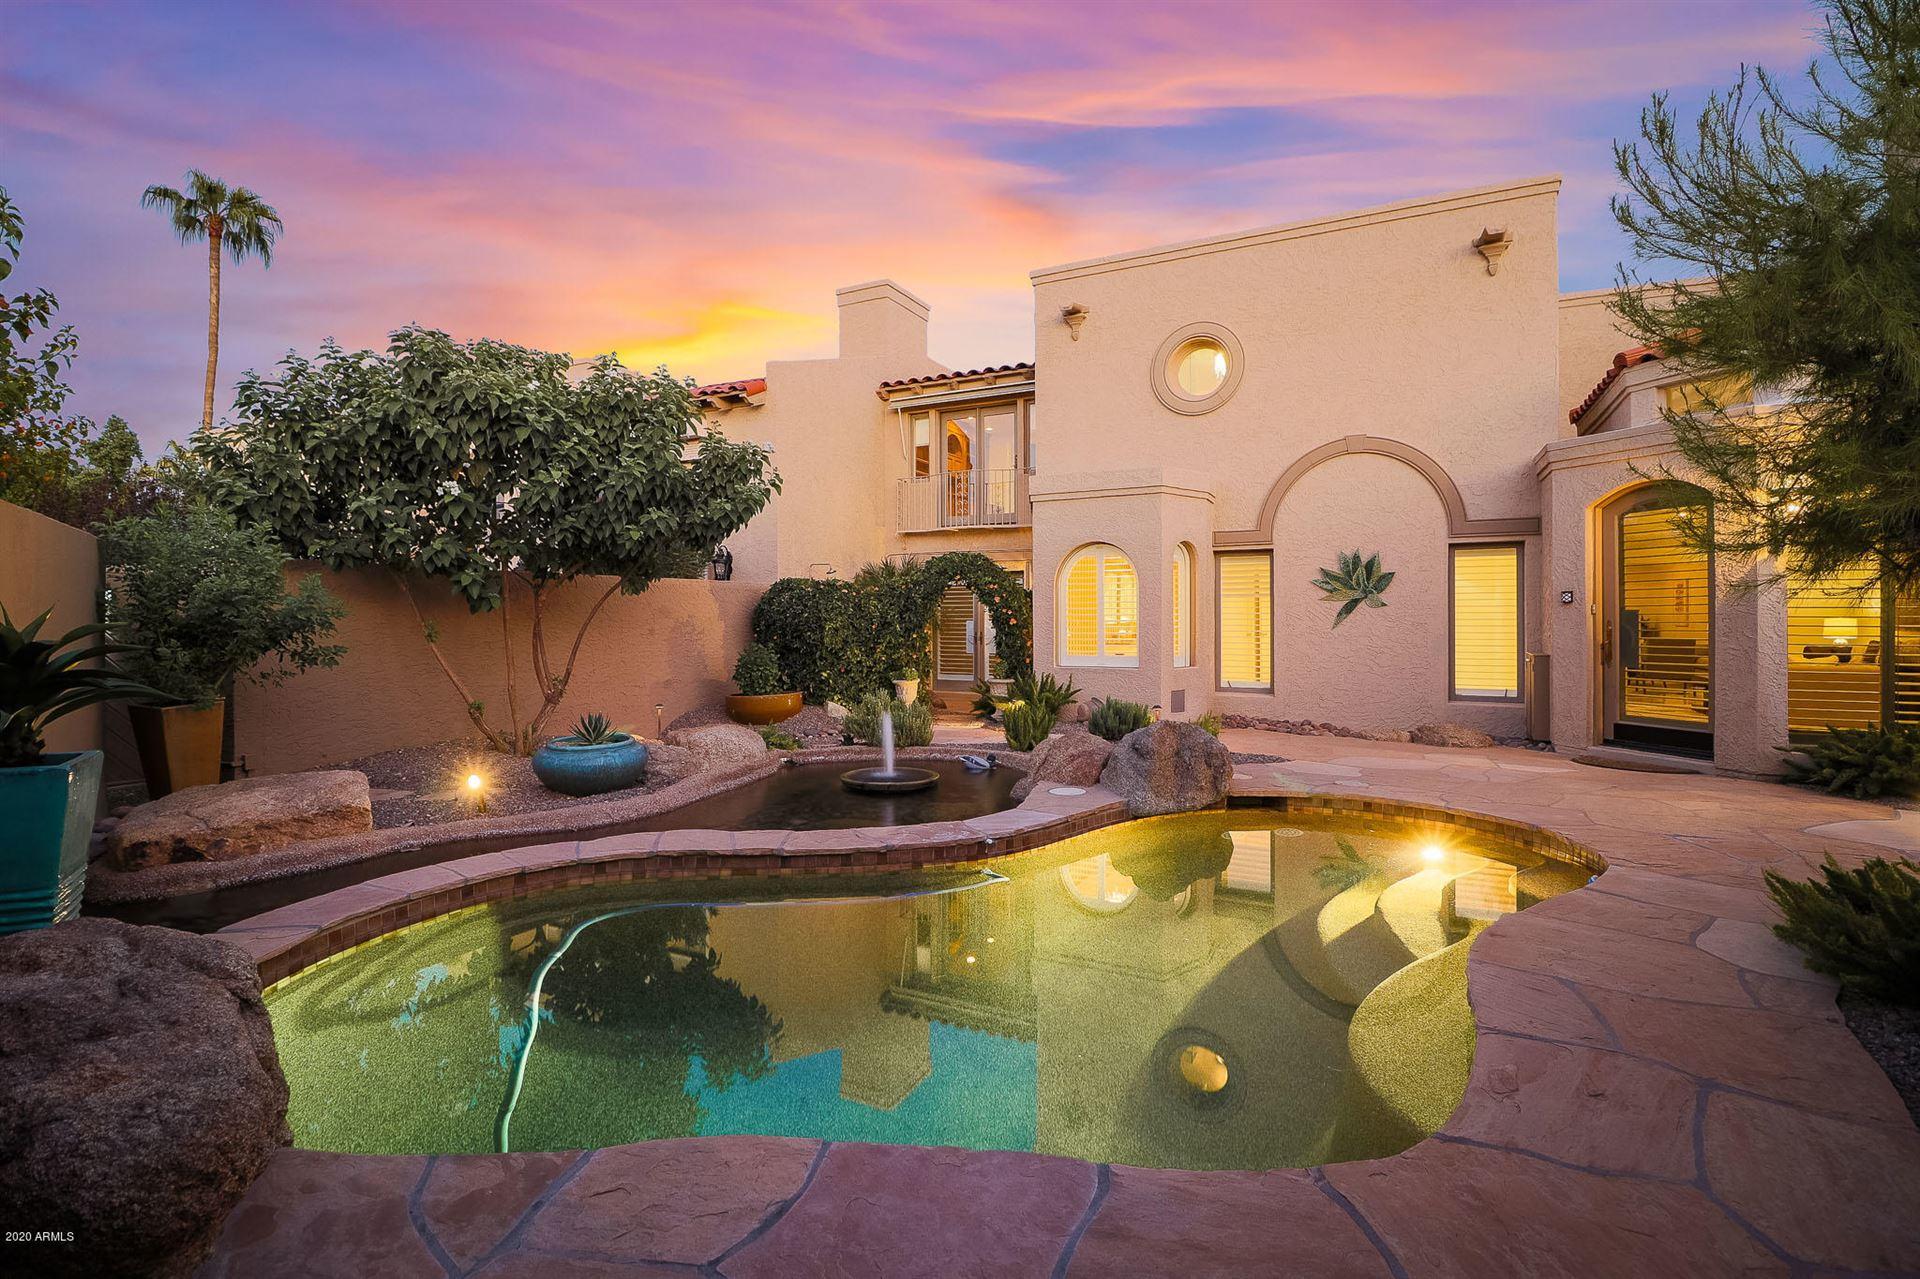 8626 N 84TH Place, Scottsdale, AZ 85258 - MLS#: 6123315